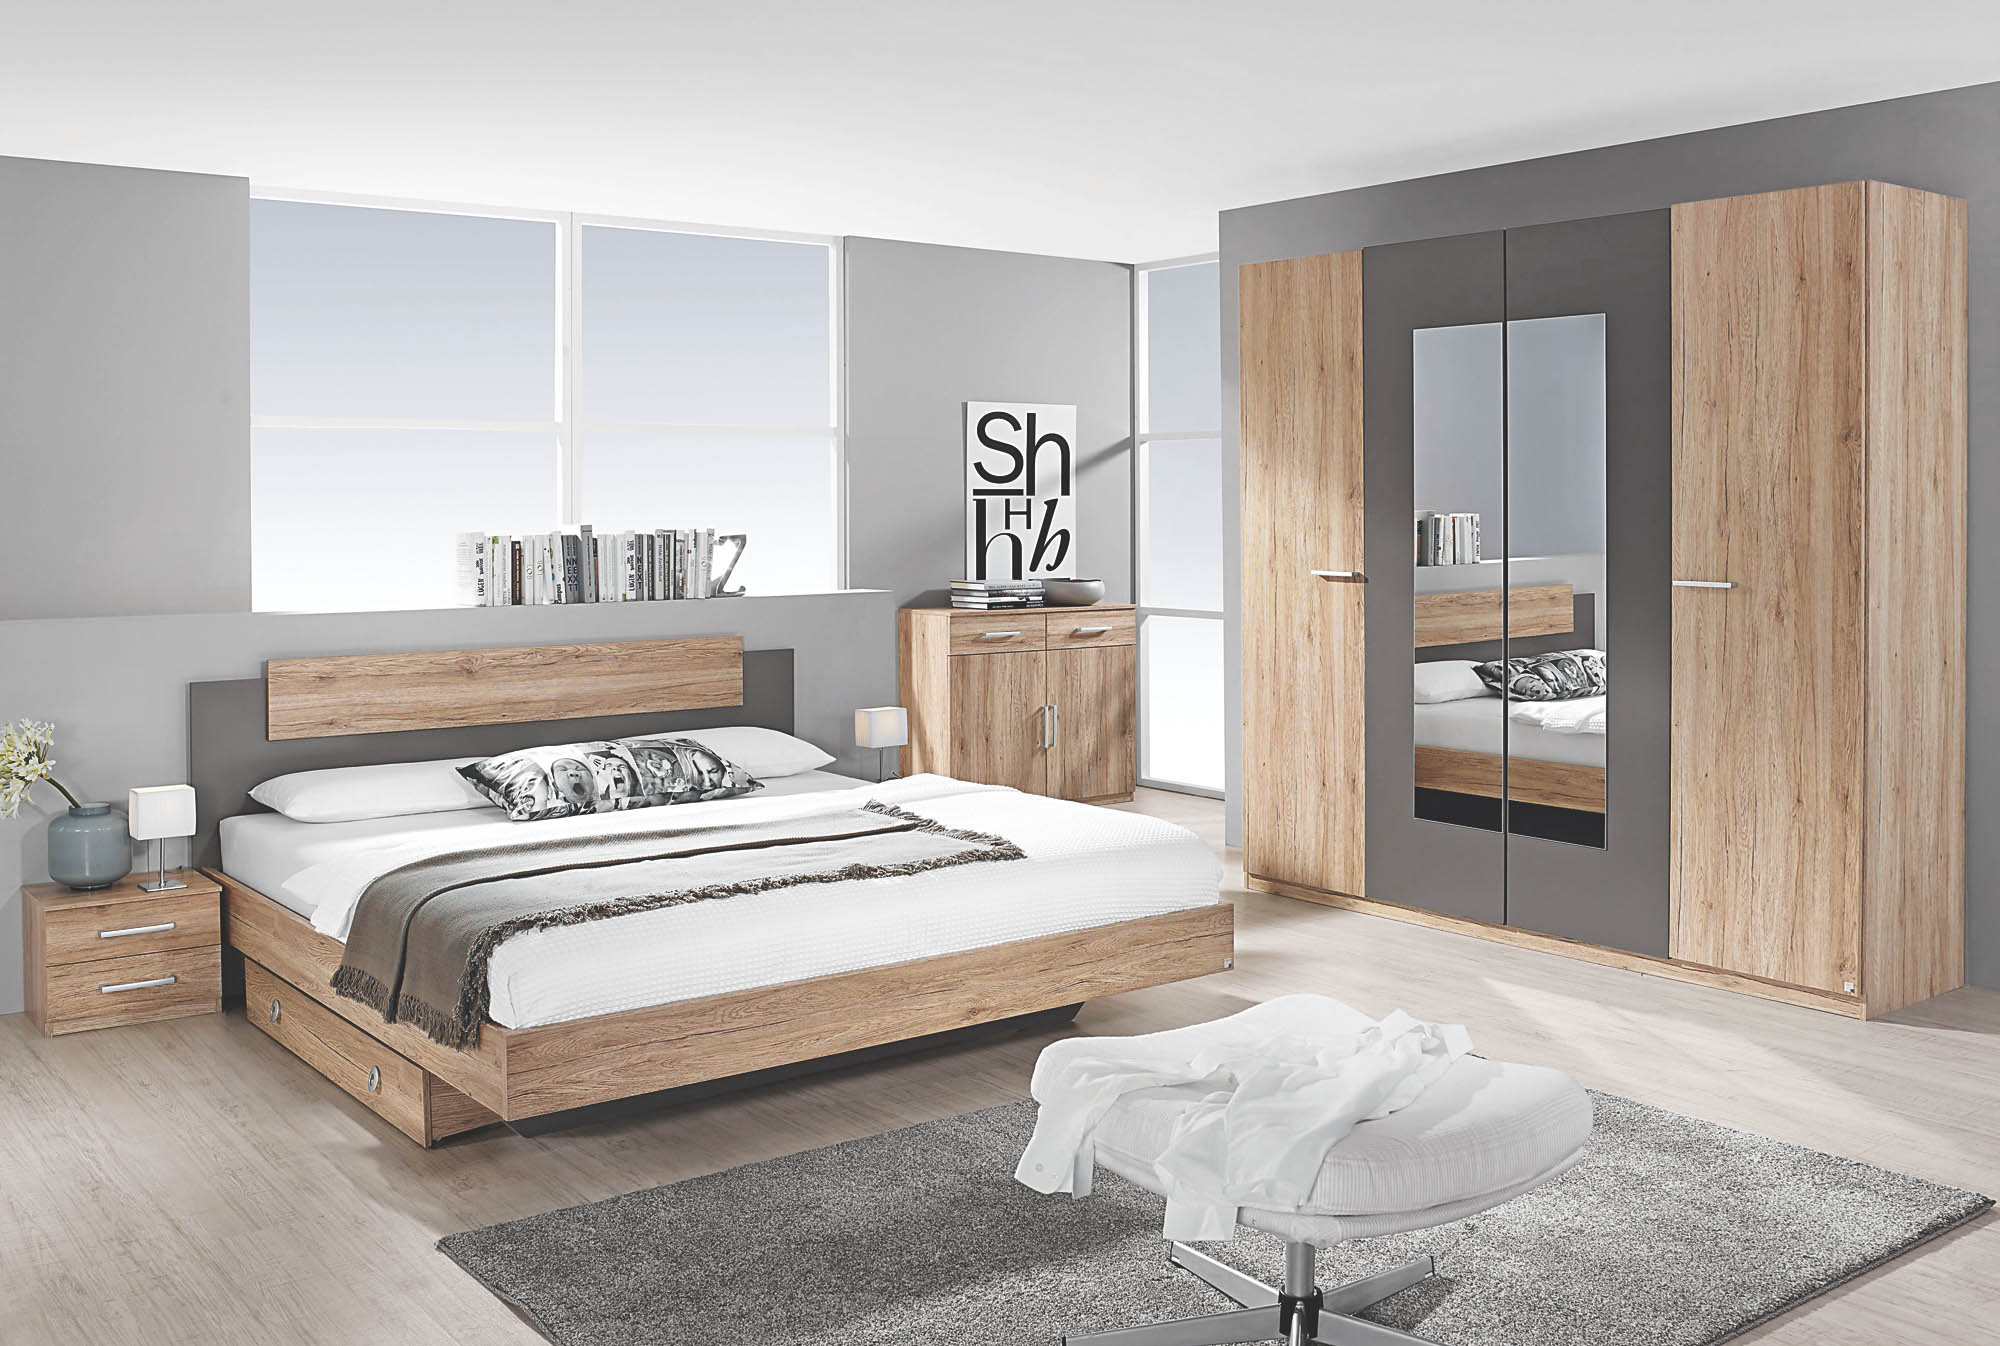 Schlafzimmer 4-tlg Borba von Rauch Packs mit 180x200 Bett Eiche Sonoma /  alpinweiß